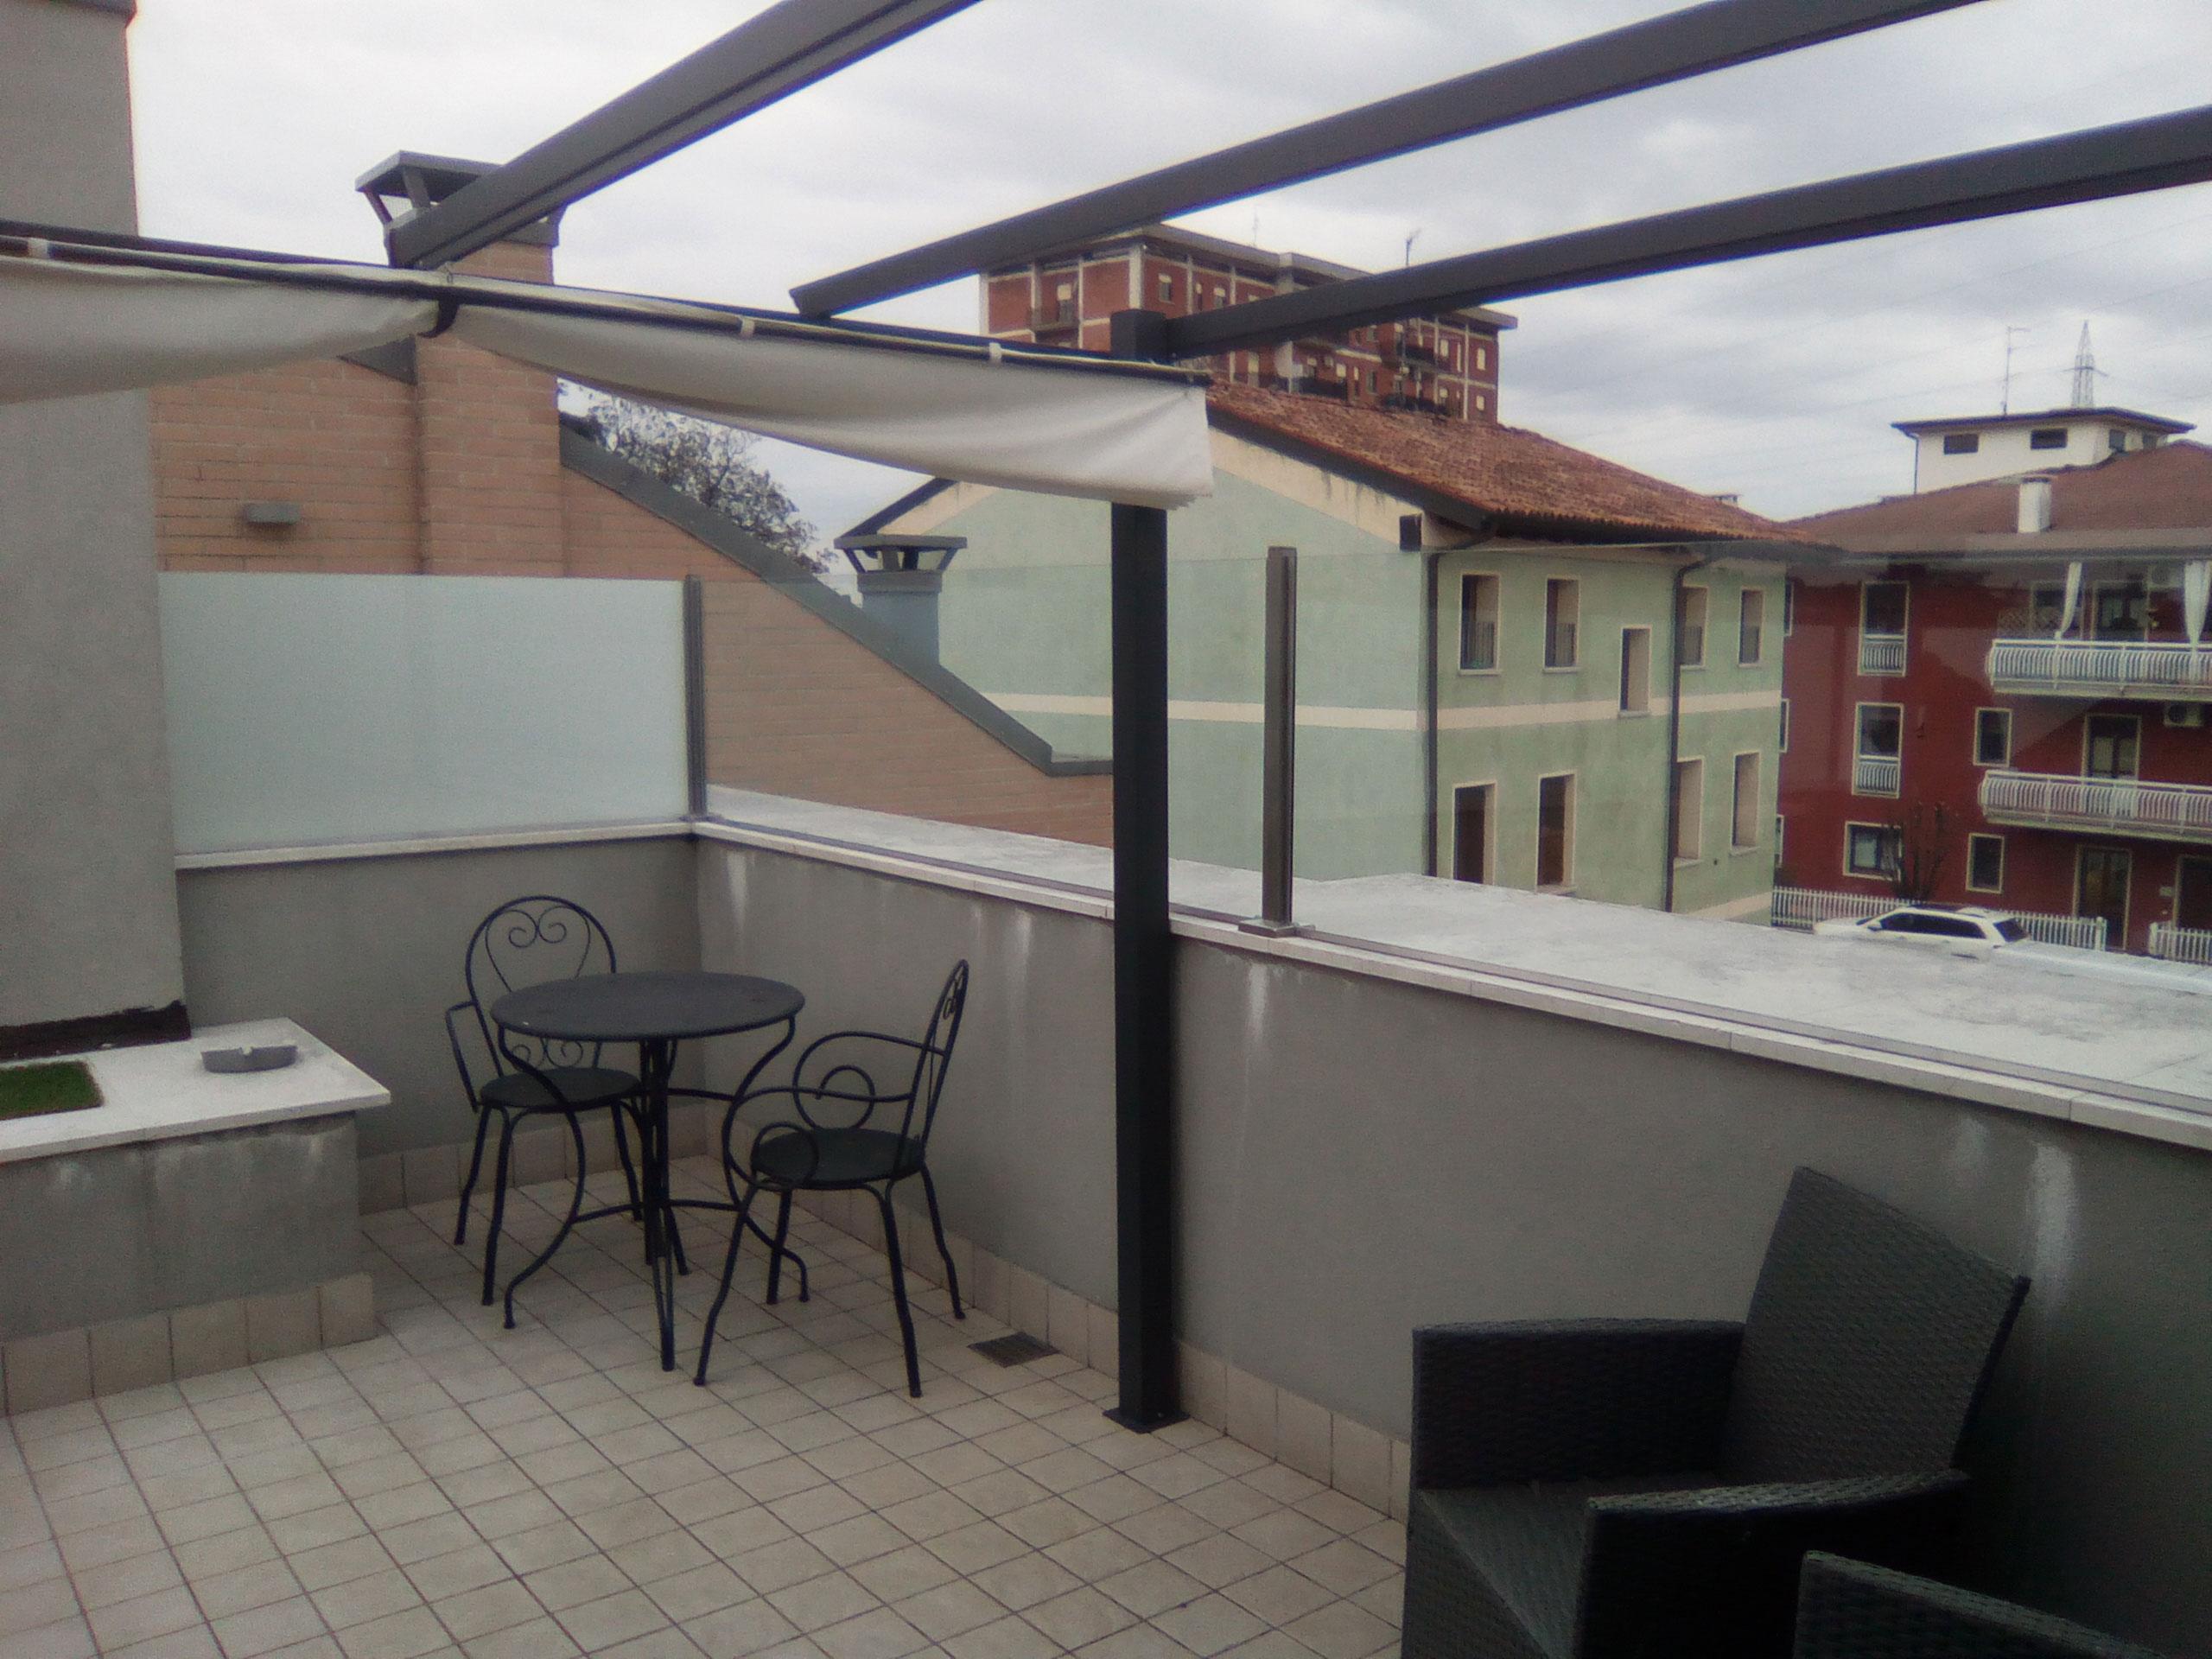 Parapetto_terrazza_vetro